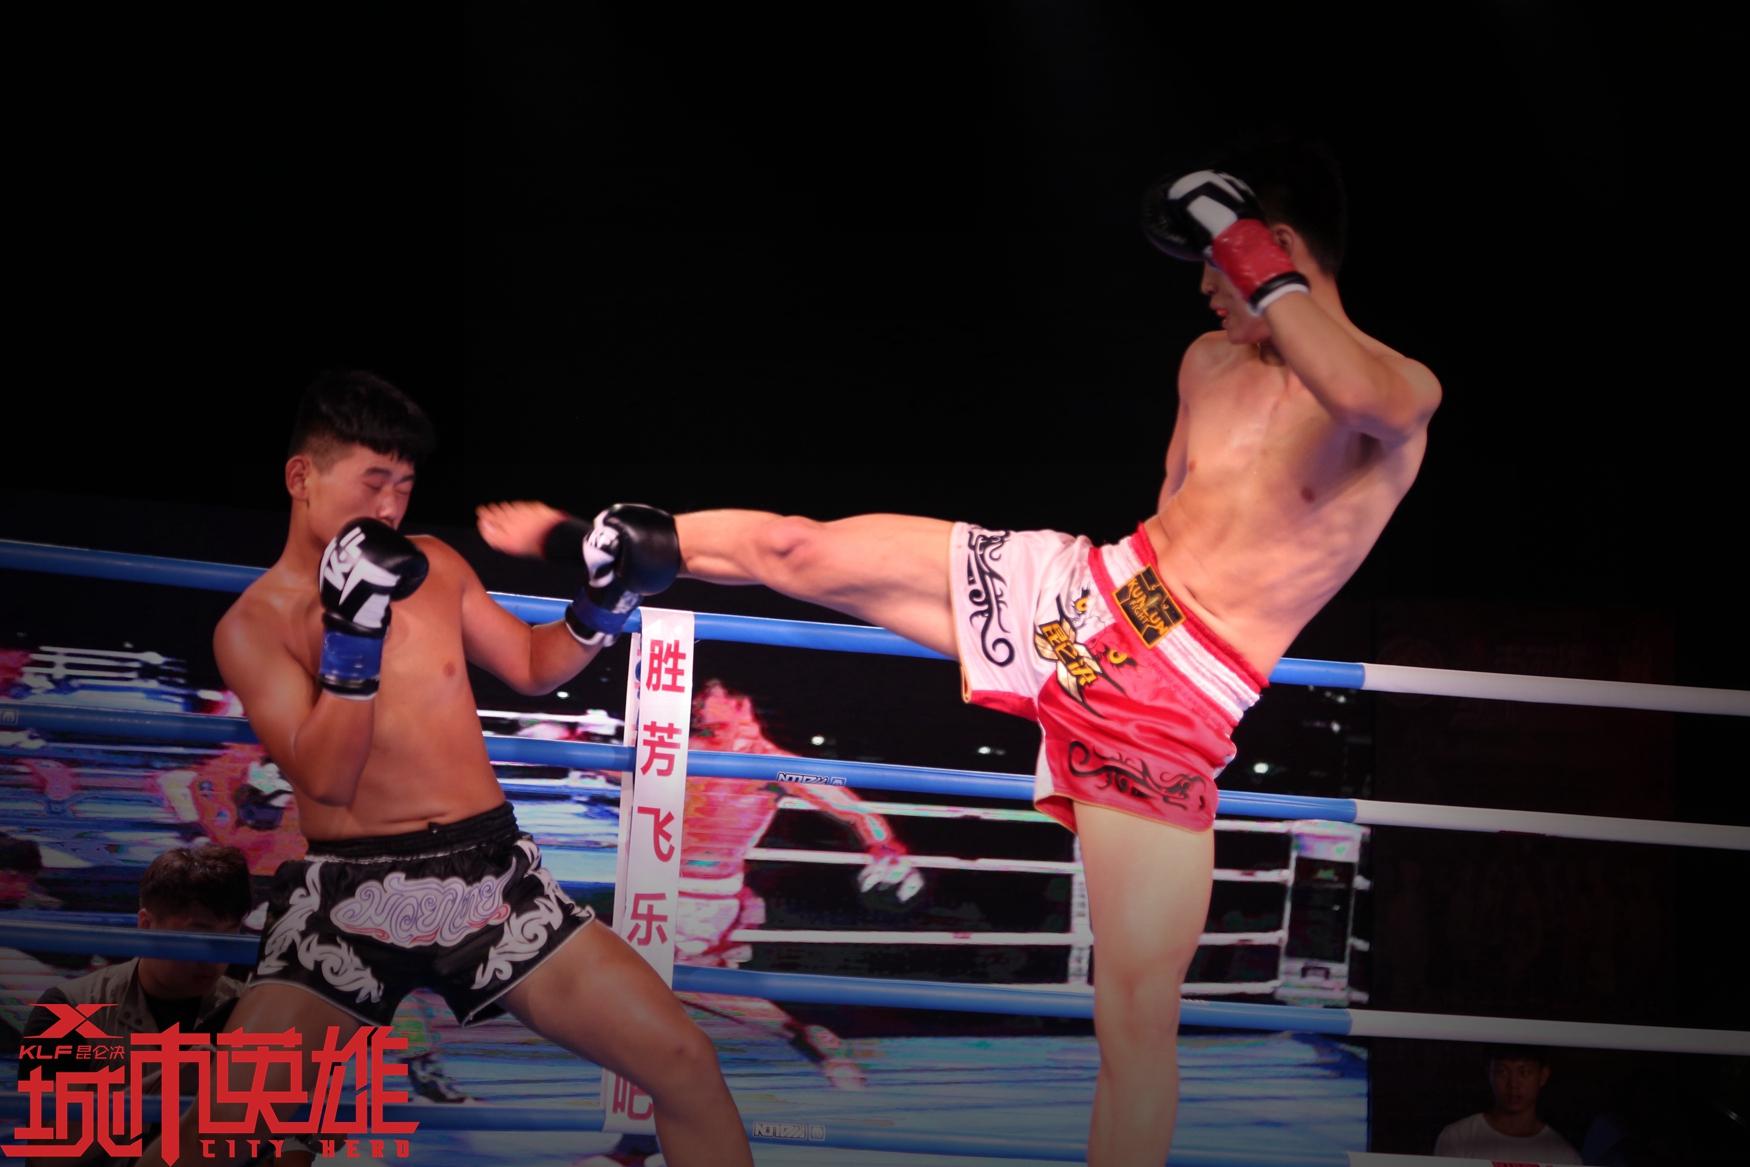 拳手精湛的腿法运用